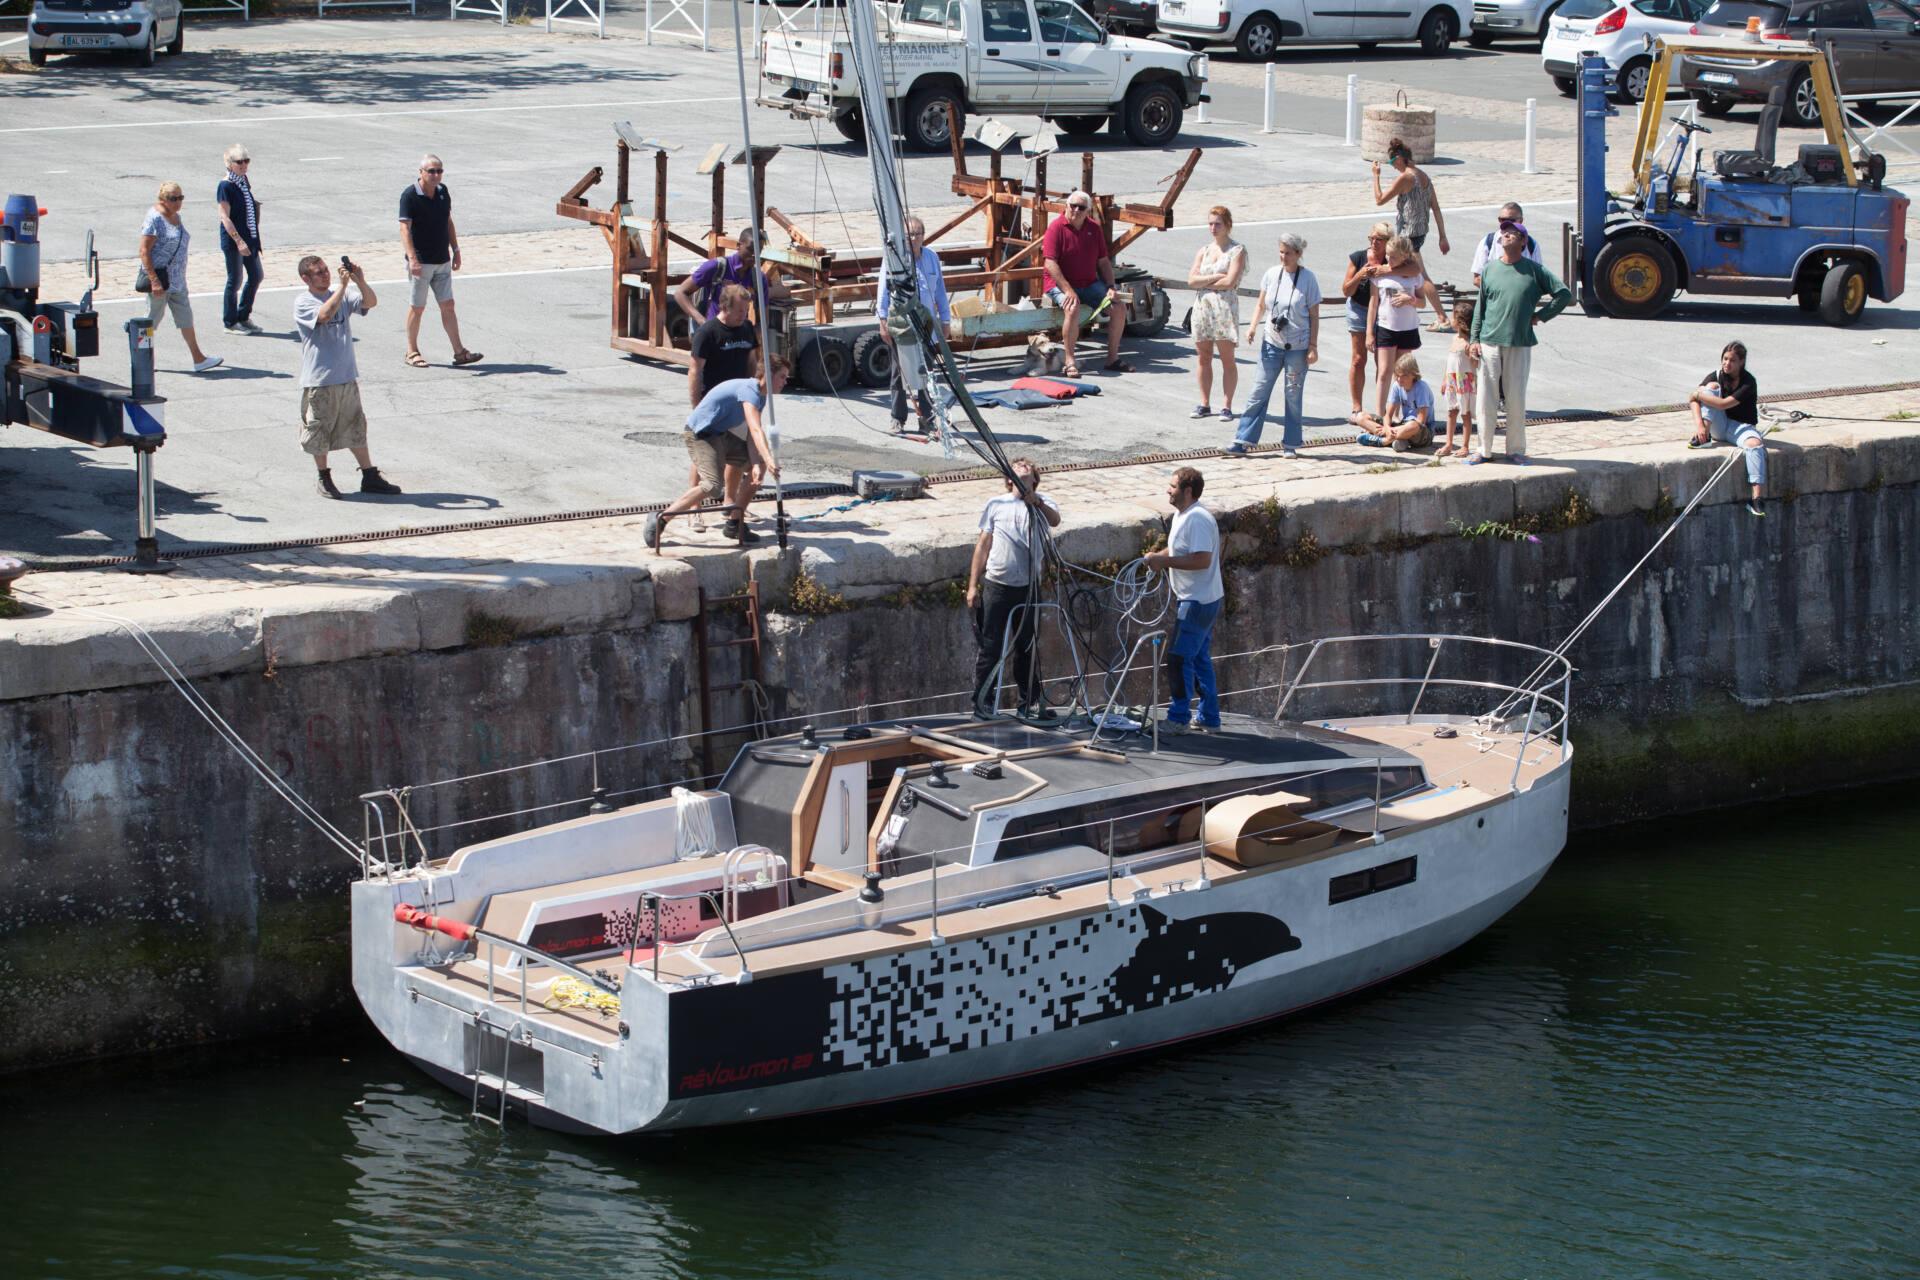 reportage photo mise à l'eau bateau